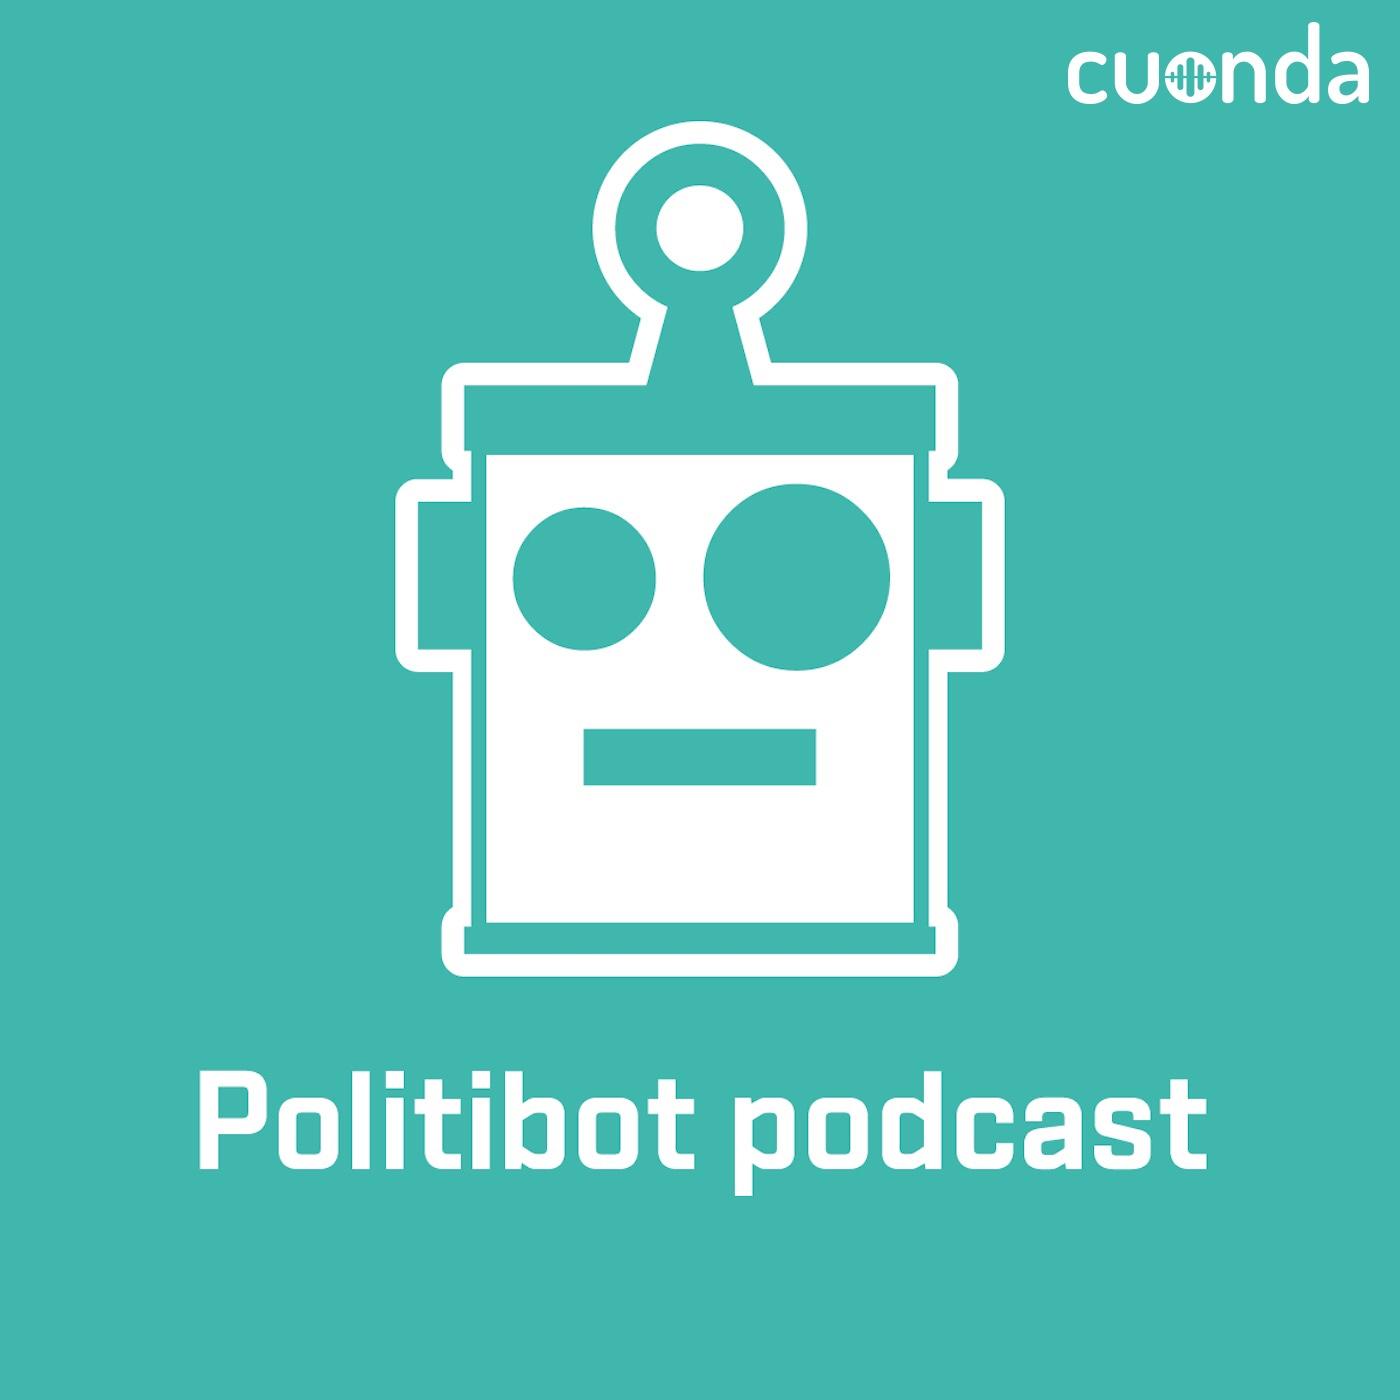 Politibot